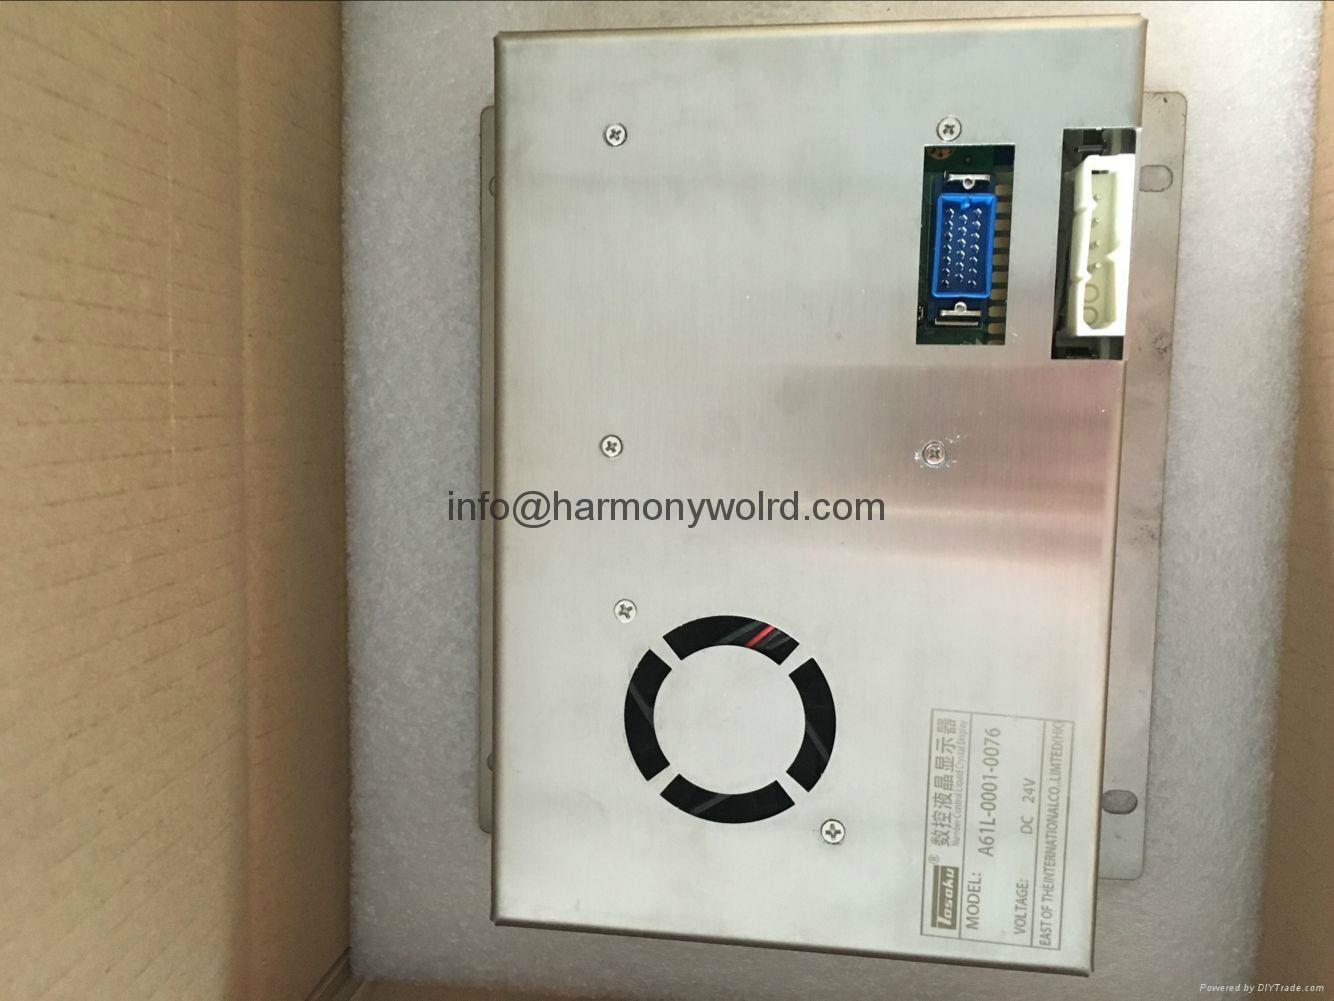 A61L-0001-0168 FanucMonitor CW550DT.1000-10 IC752WFB254CRS IC752WFC502-FC 16